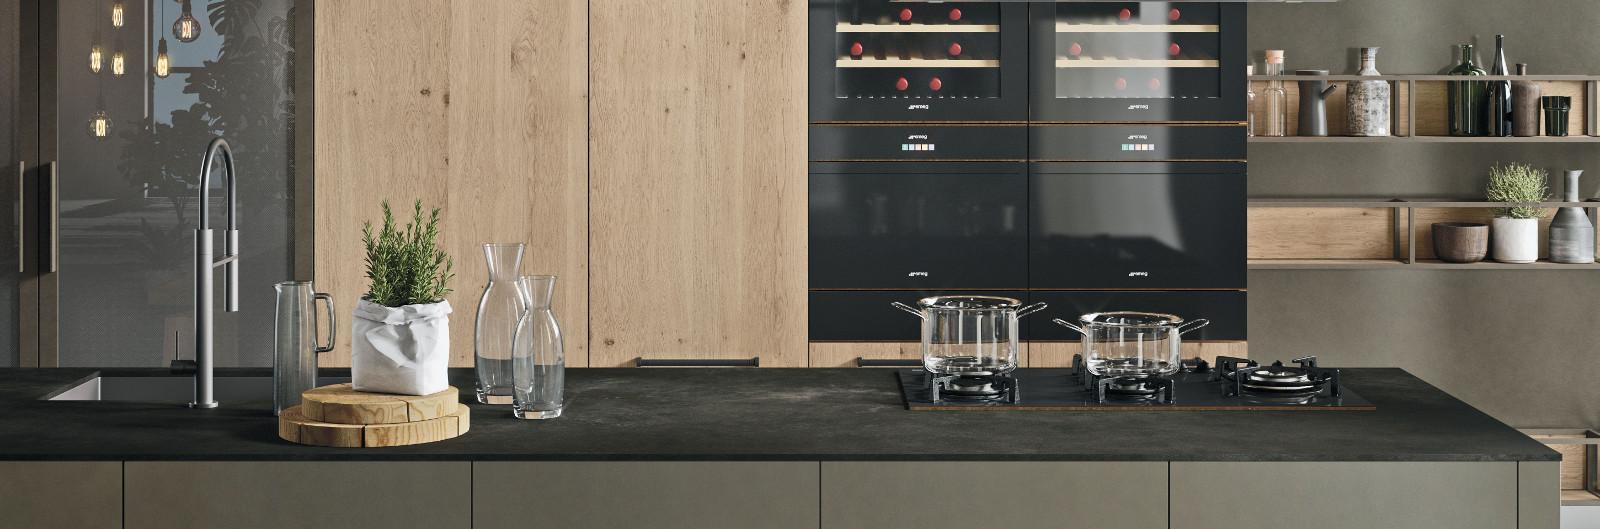 Interior design lucca progetto casa arredamenti for Progetto casa arredamenti